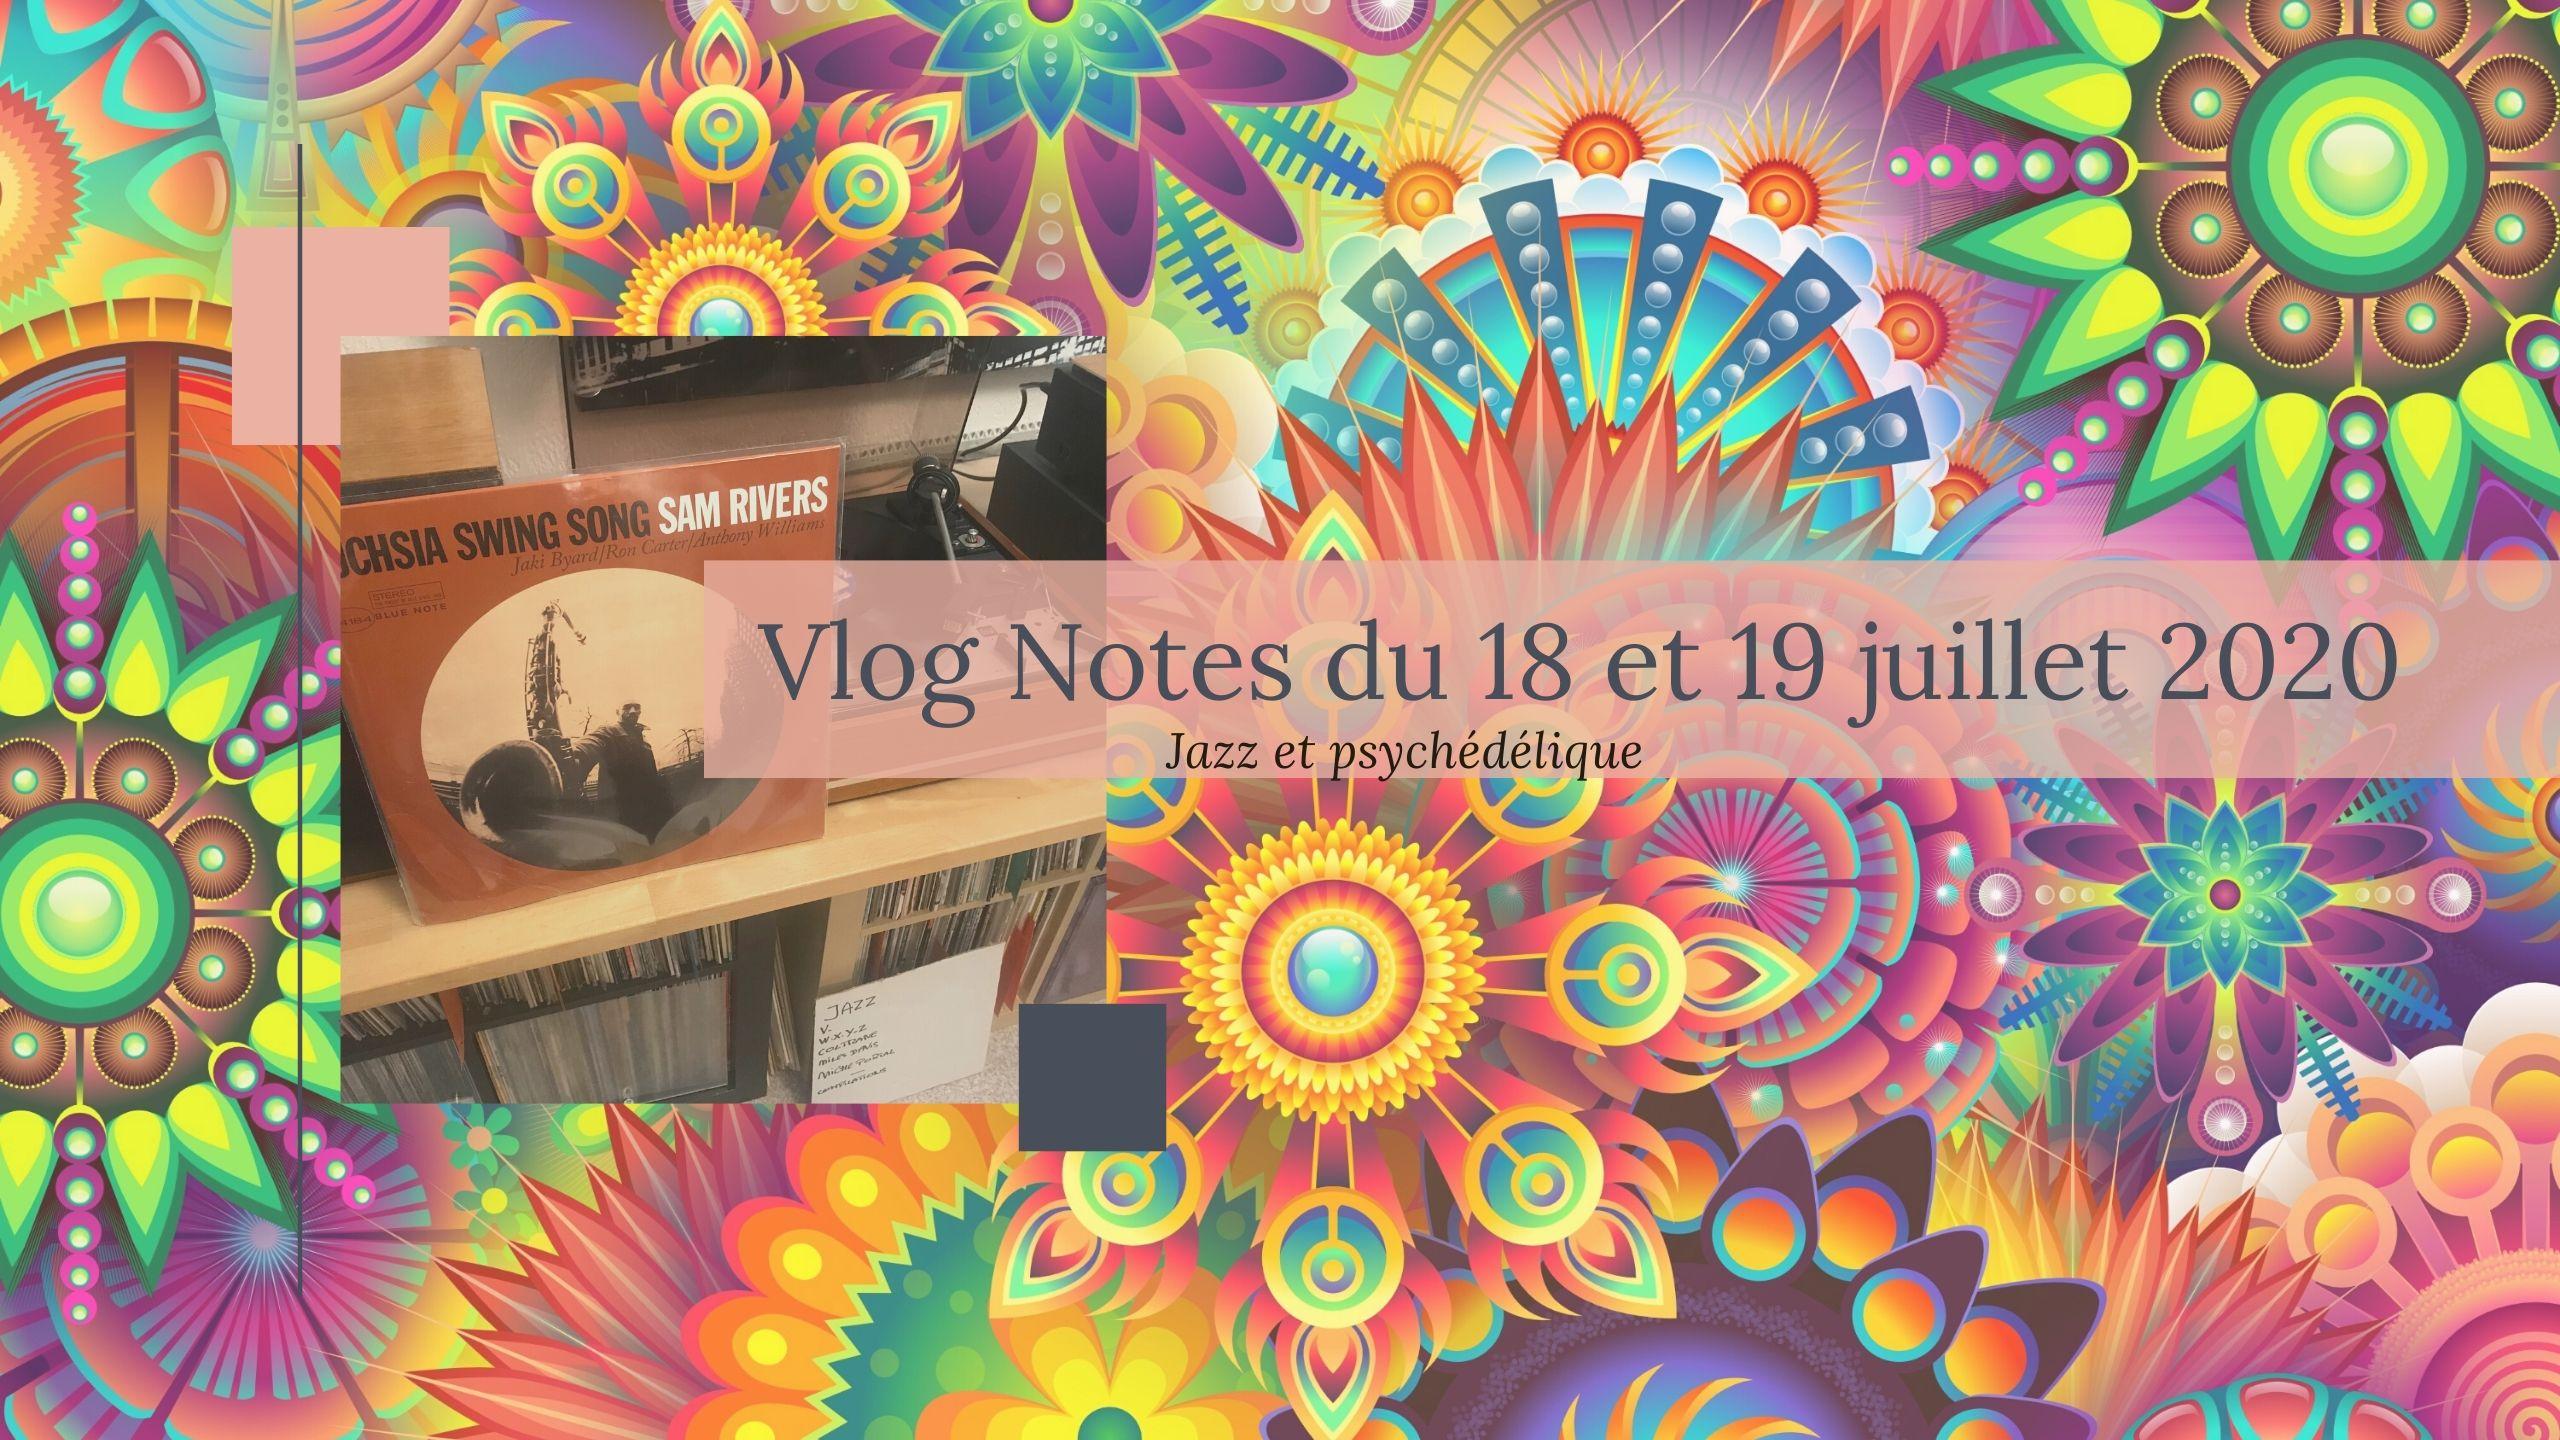 Vlog Notes du 18 et 19 juillet 2020